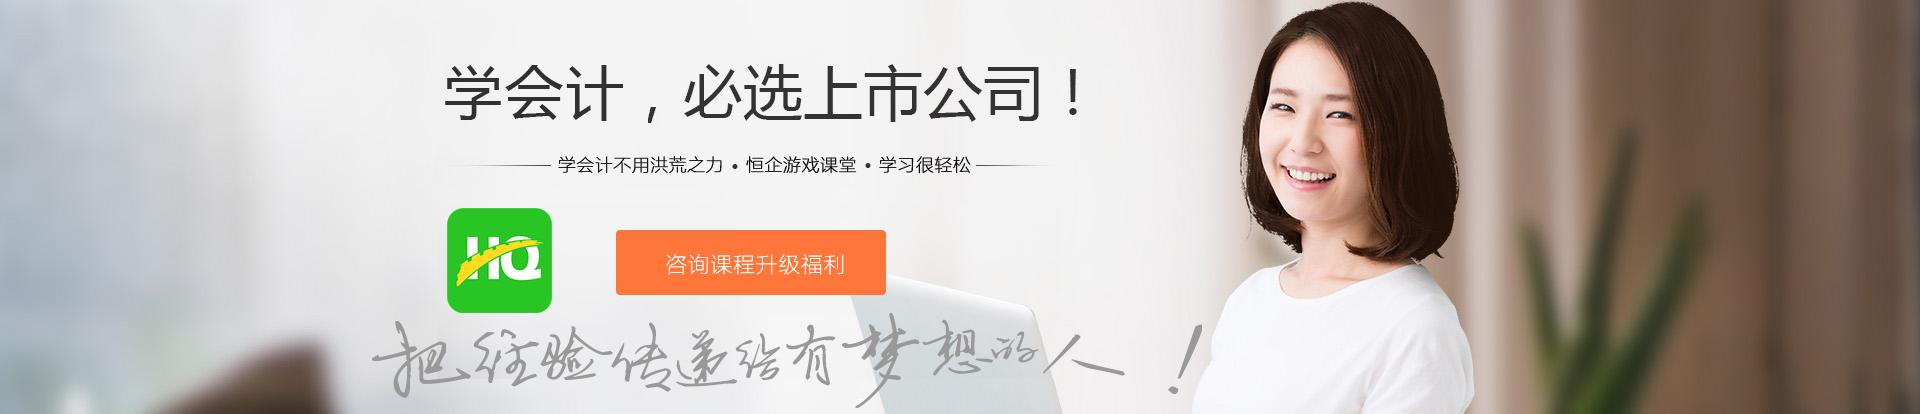 长垣恒企会计千赢国际登录学校 横幅广告